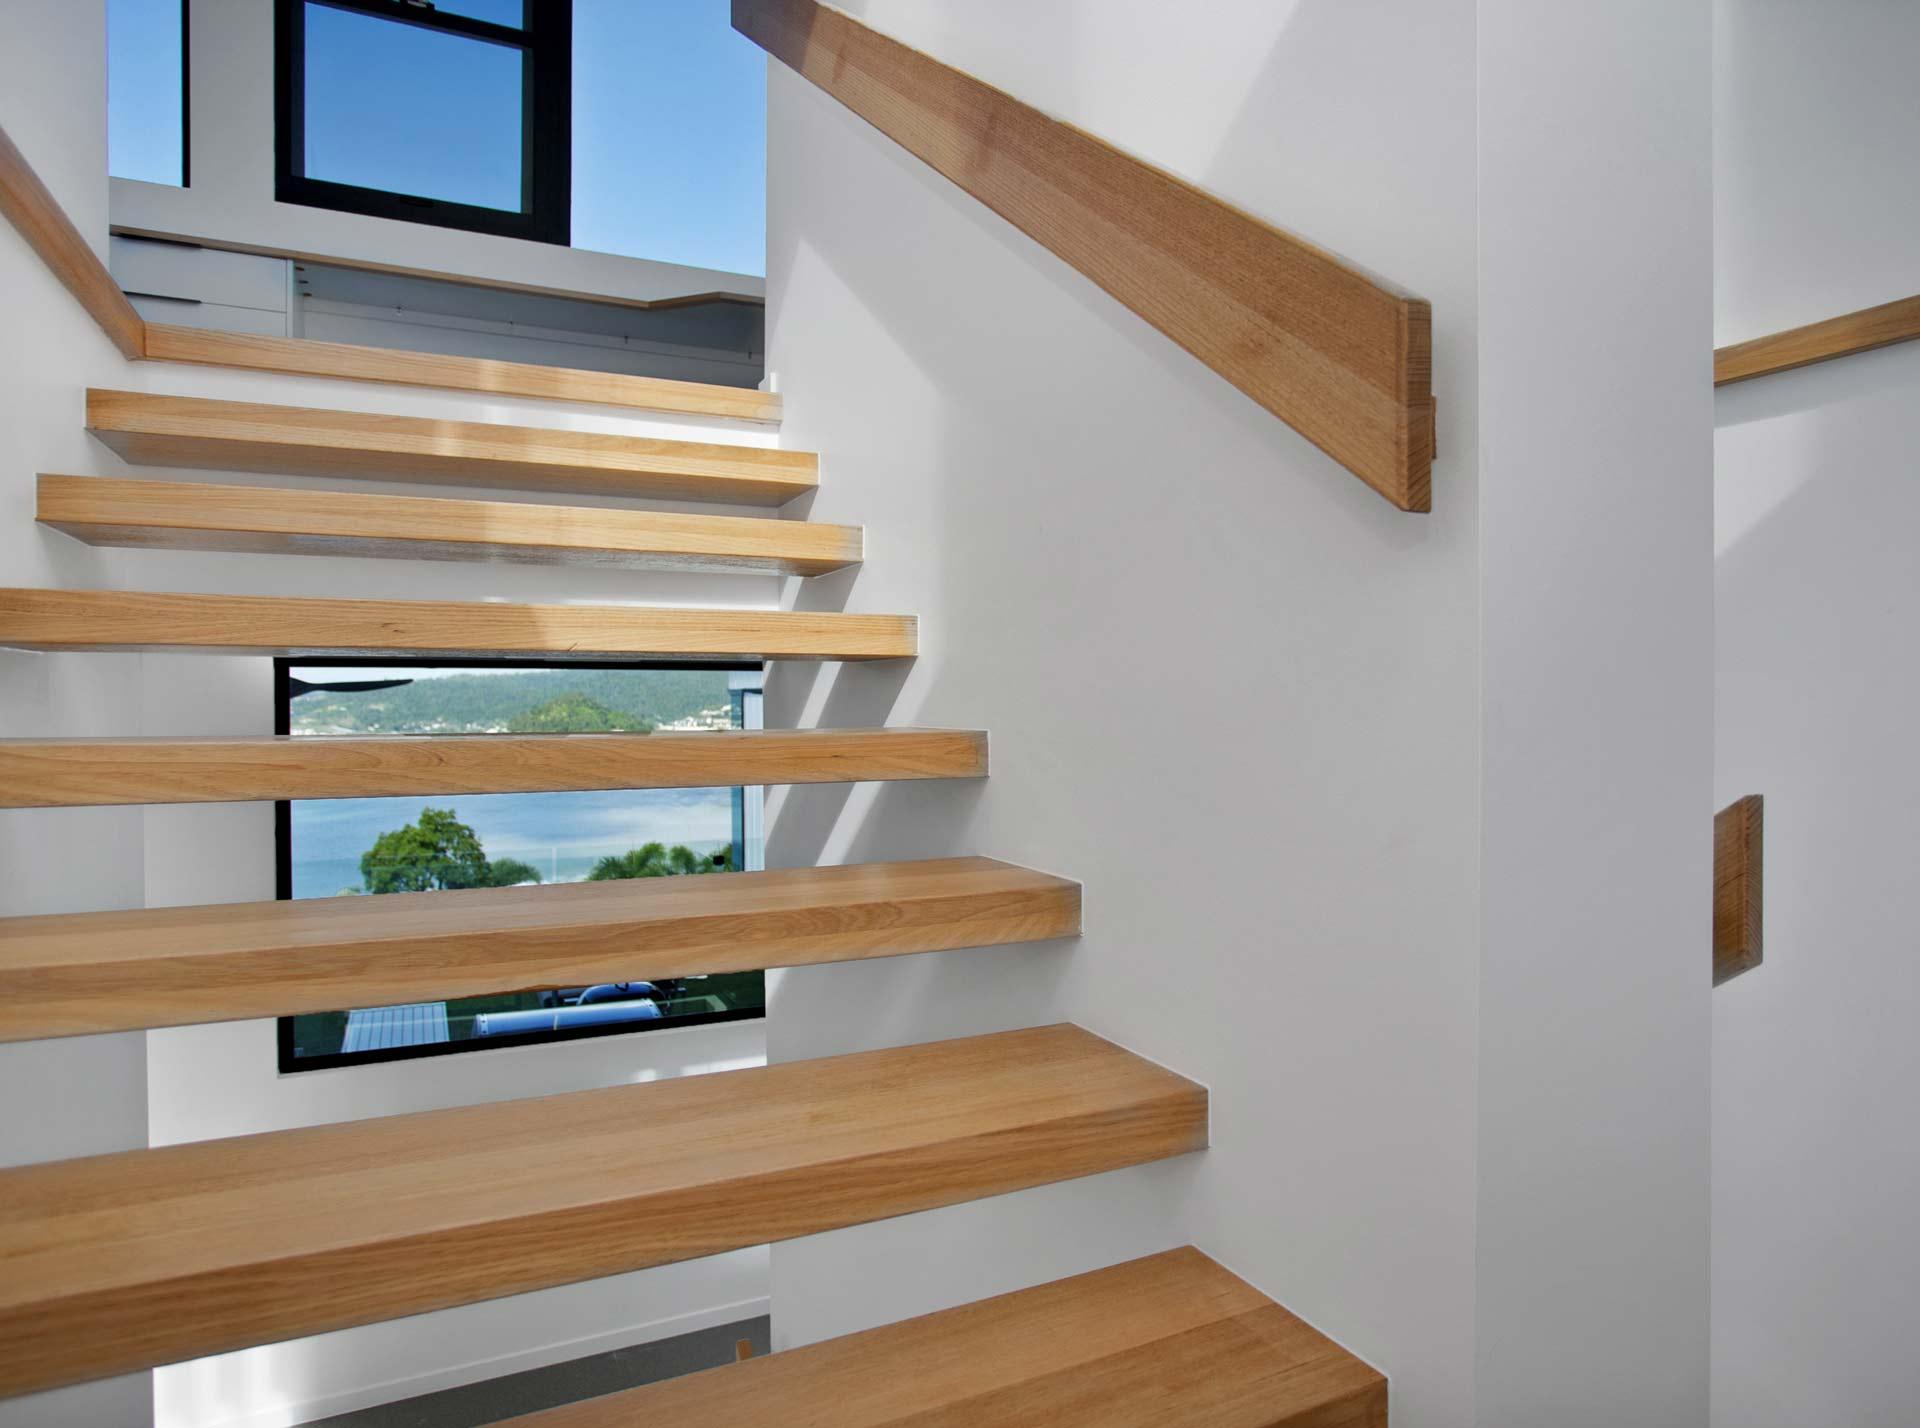 Botanica stairs